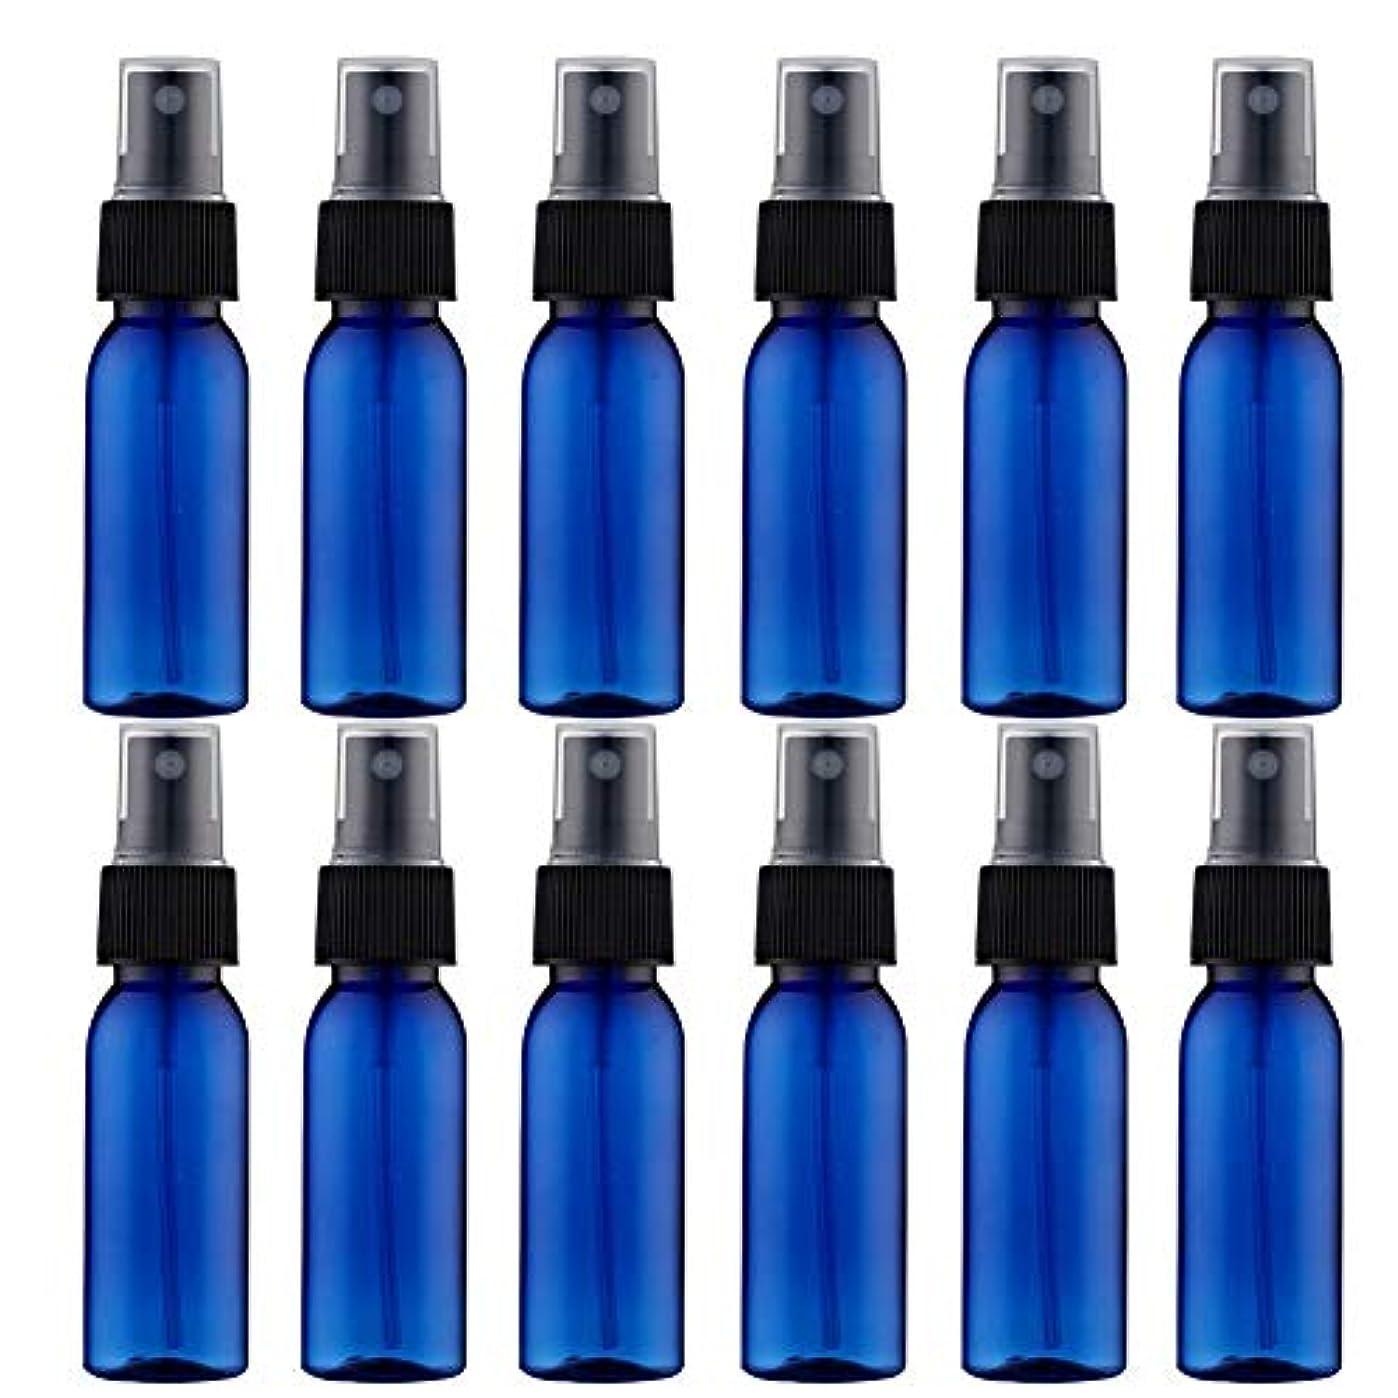 アパート予感記者スプレーボトル 12本セット 詰替ボトル 遮光 空容器 霧吹き(30ml ブルー)